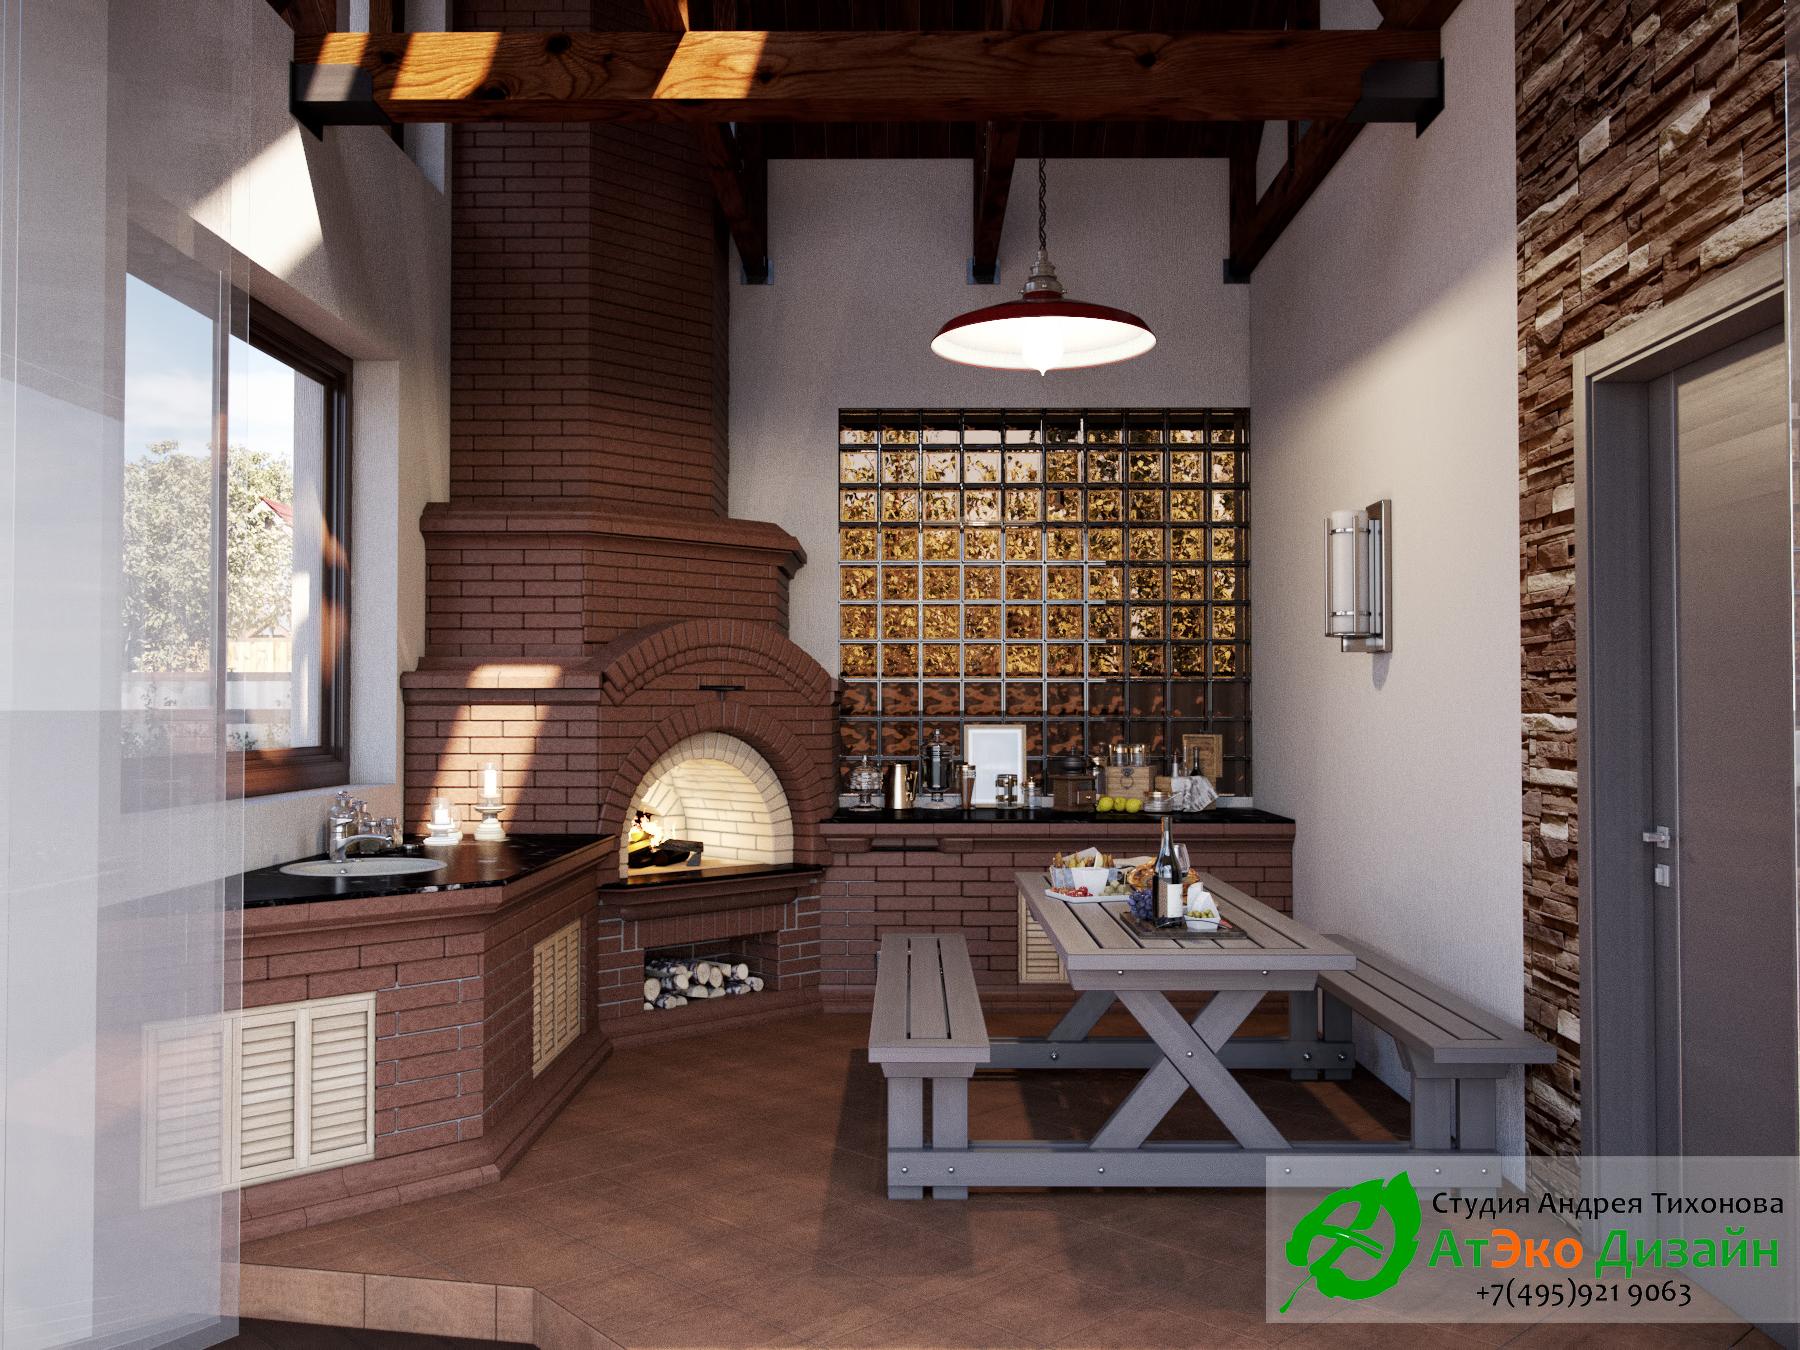 Гостиная для барбекю проект архитектуры гостевого дома